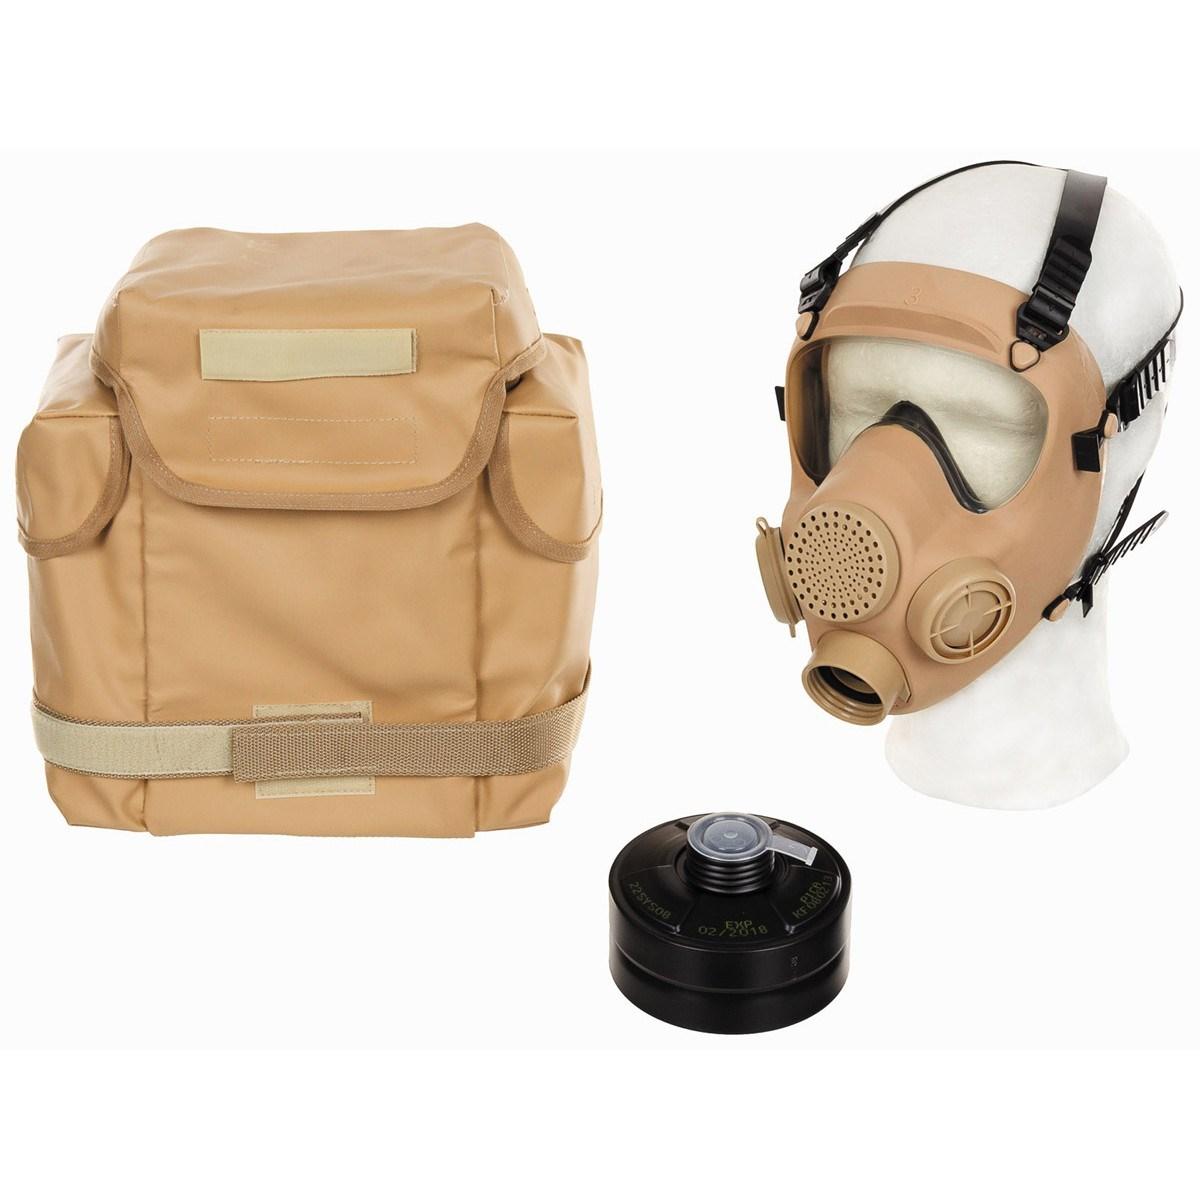 Maska polská MP5 kompletní s filtrem a brašnou DESERT - zvìtšit obrázek